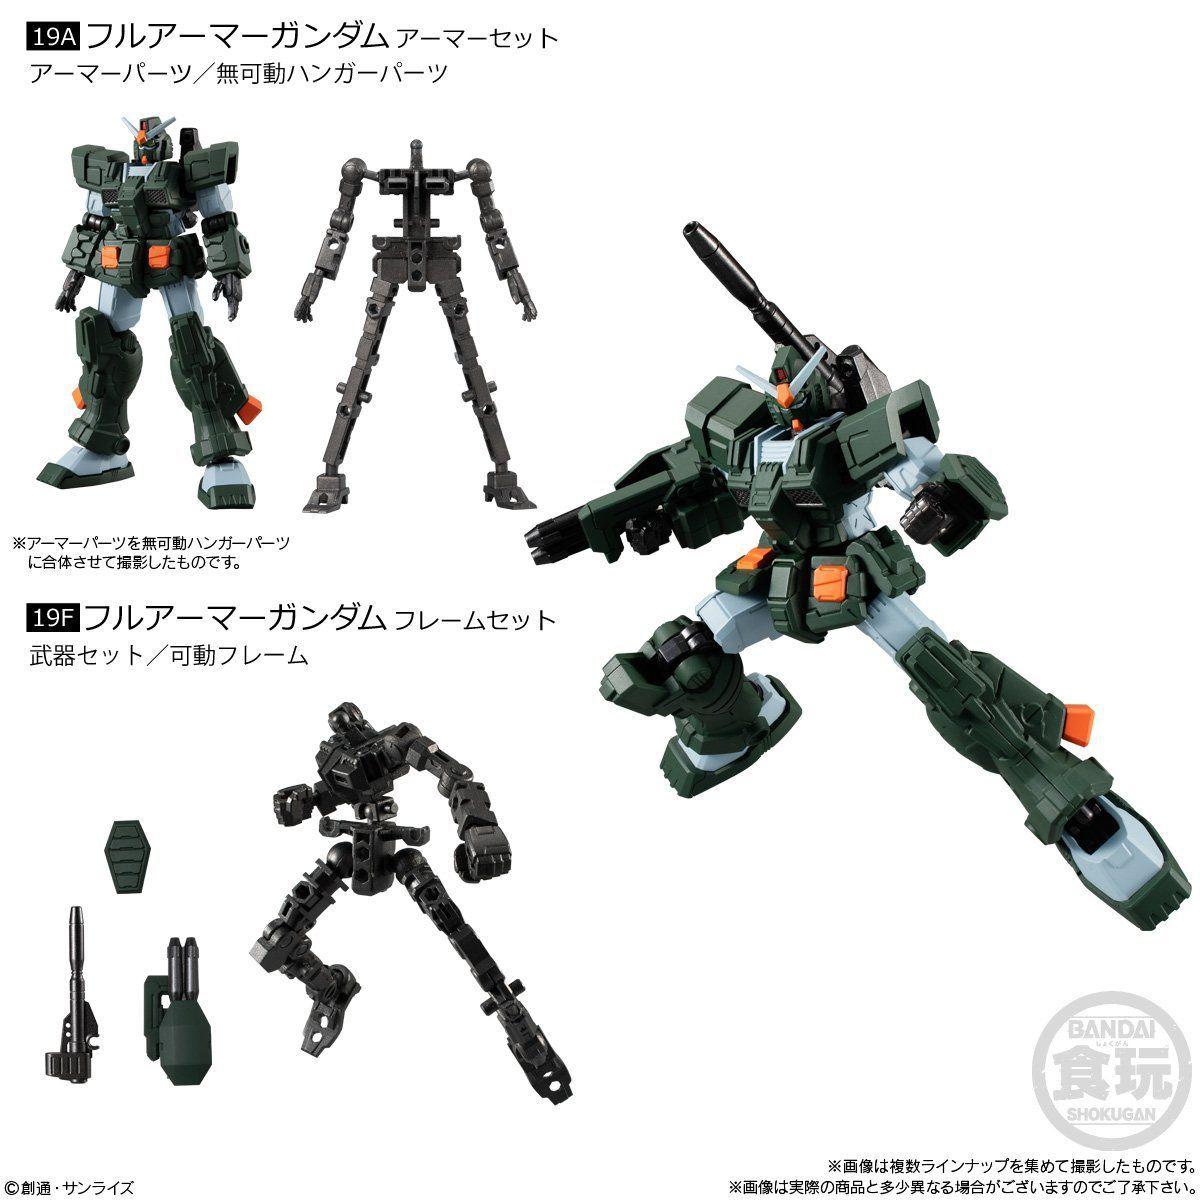 【食玩】機動戦士ガンダム『Gフレーム07』可動フィギュア 10個入りBOX-002